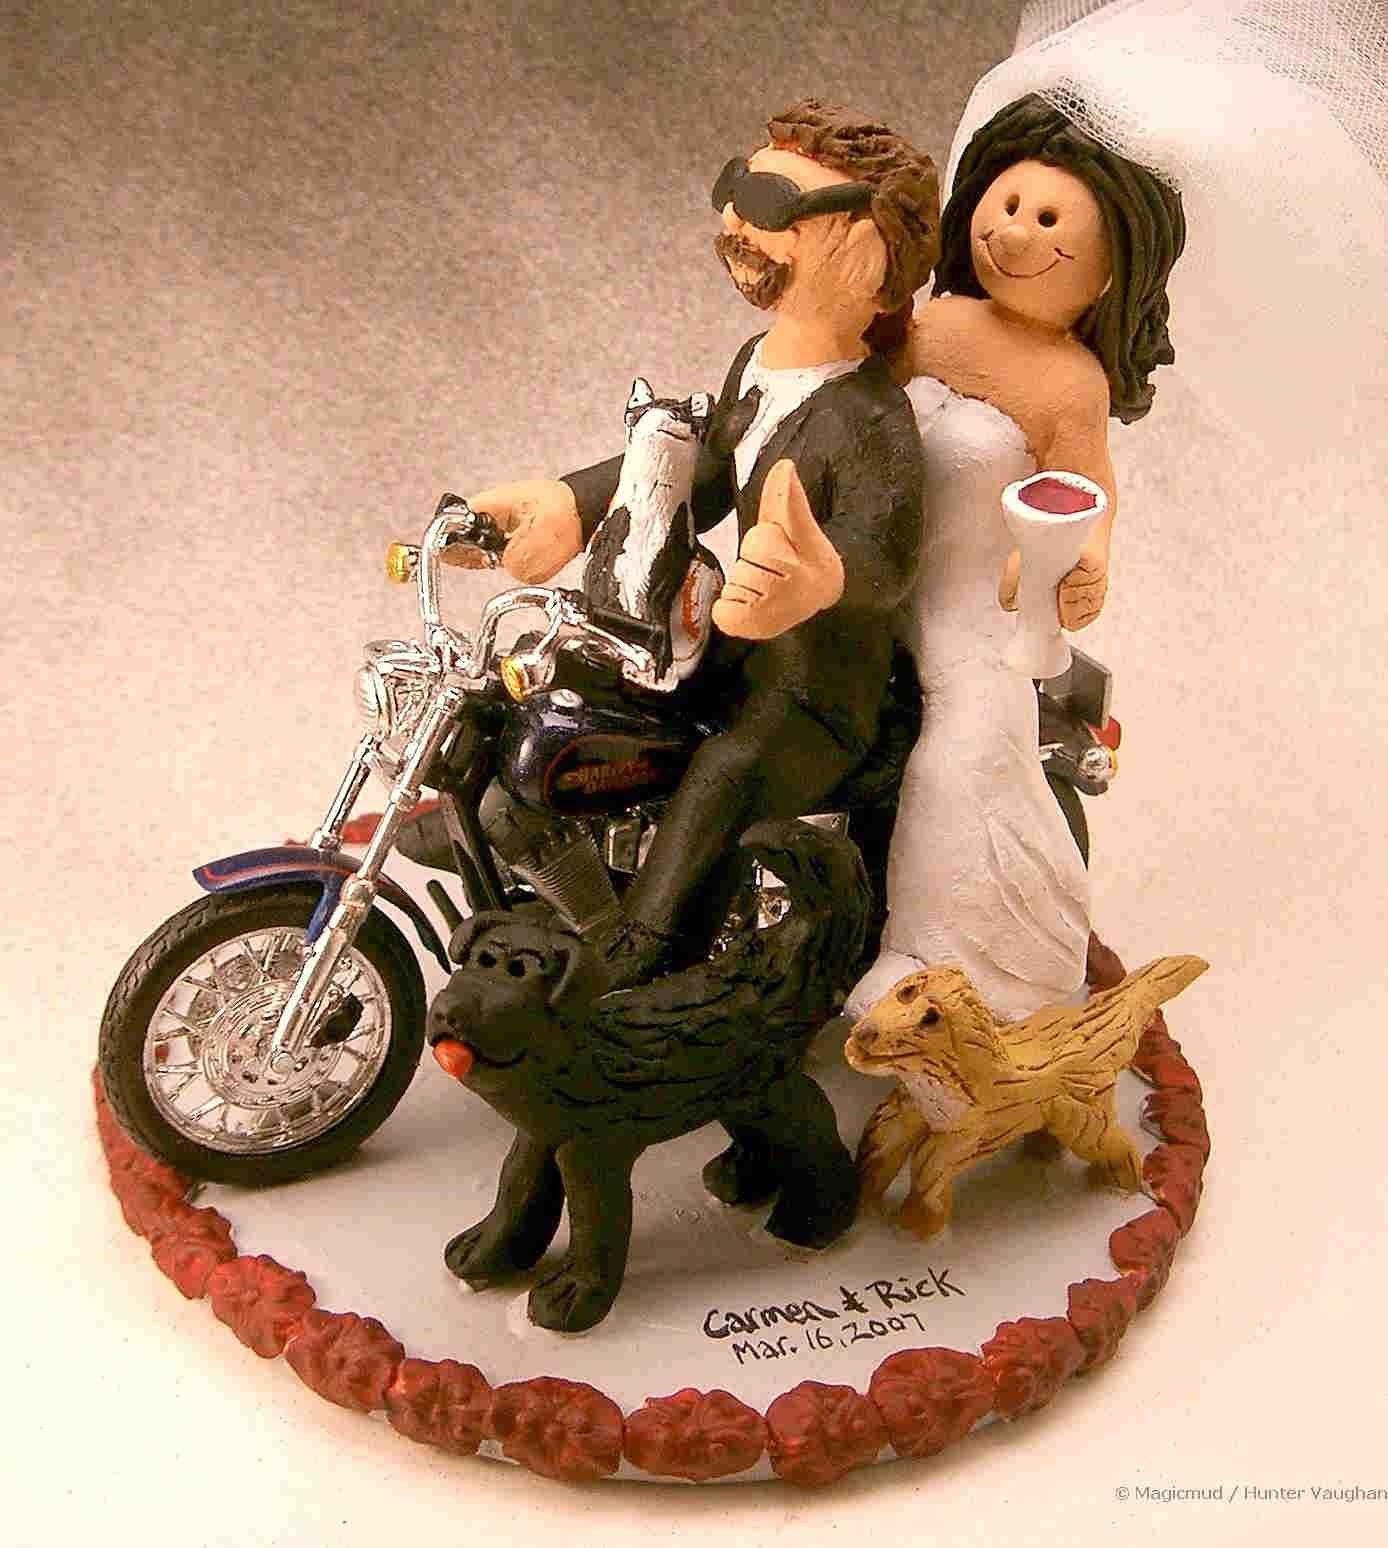 harley davidson wedding dresses Harley Davidson Wedding Cake Toppers